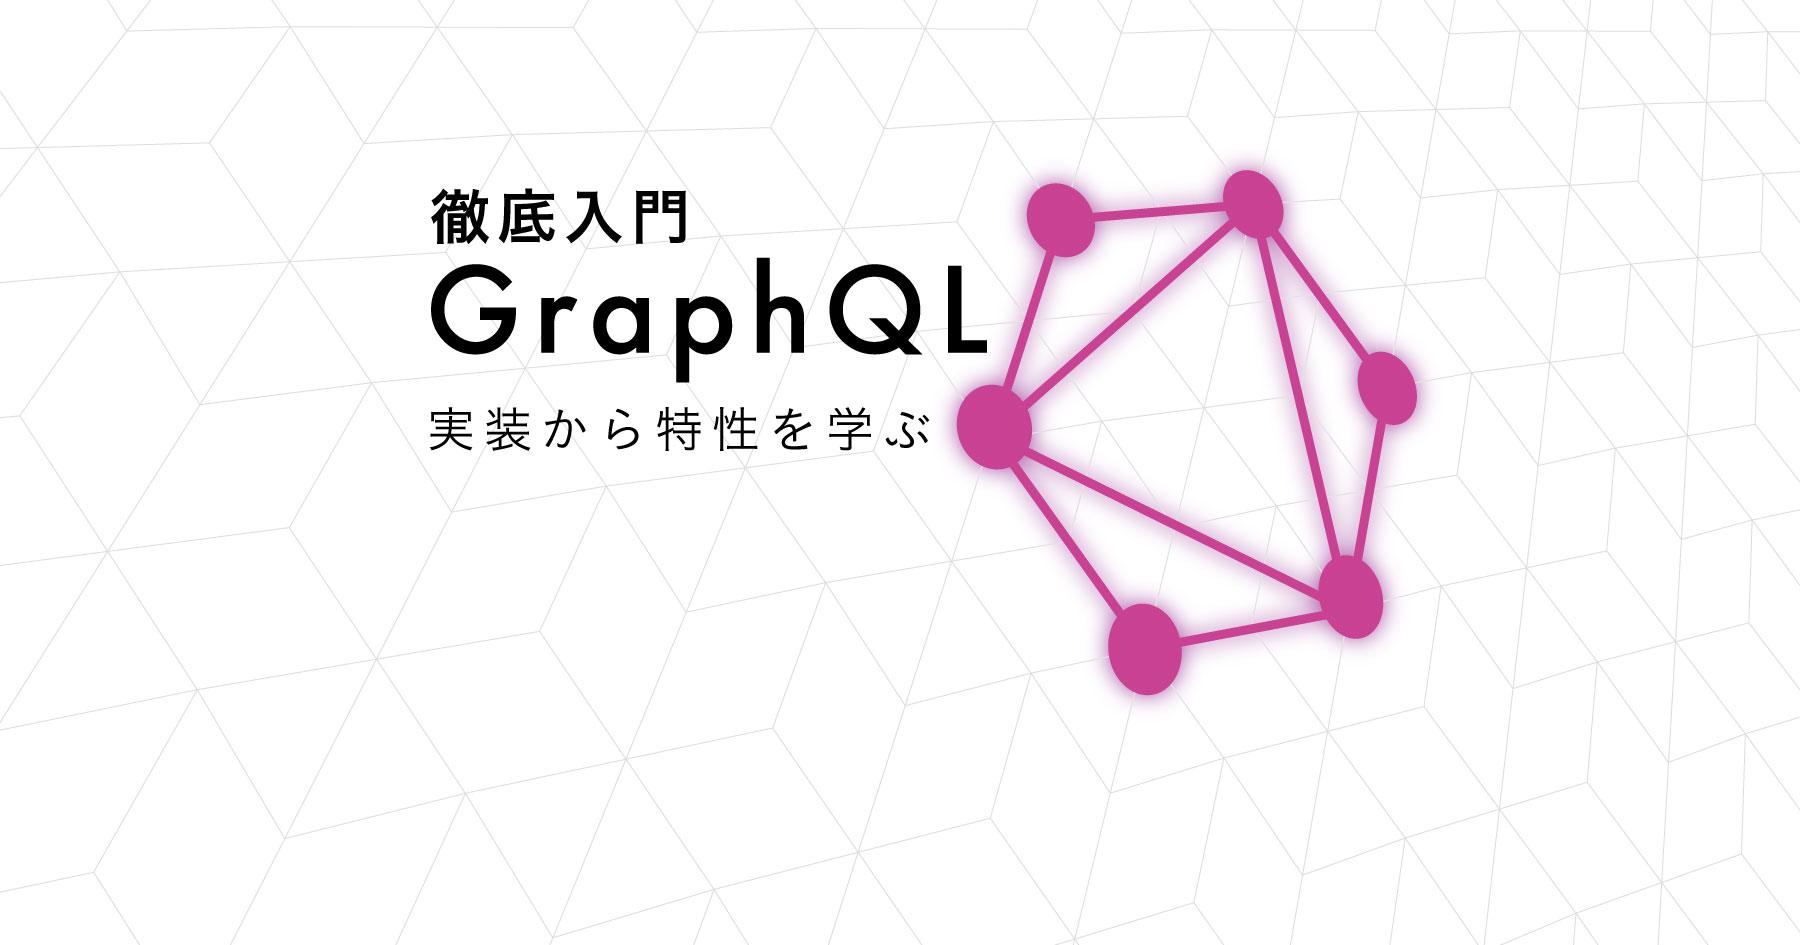 「GraphQL」徹底入門─RESTとの比較、API・フロント双方の実装から学ぶ - エンジニアHub|Webエンジニアの...